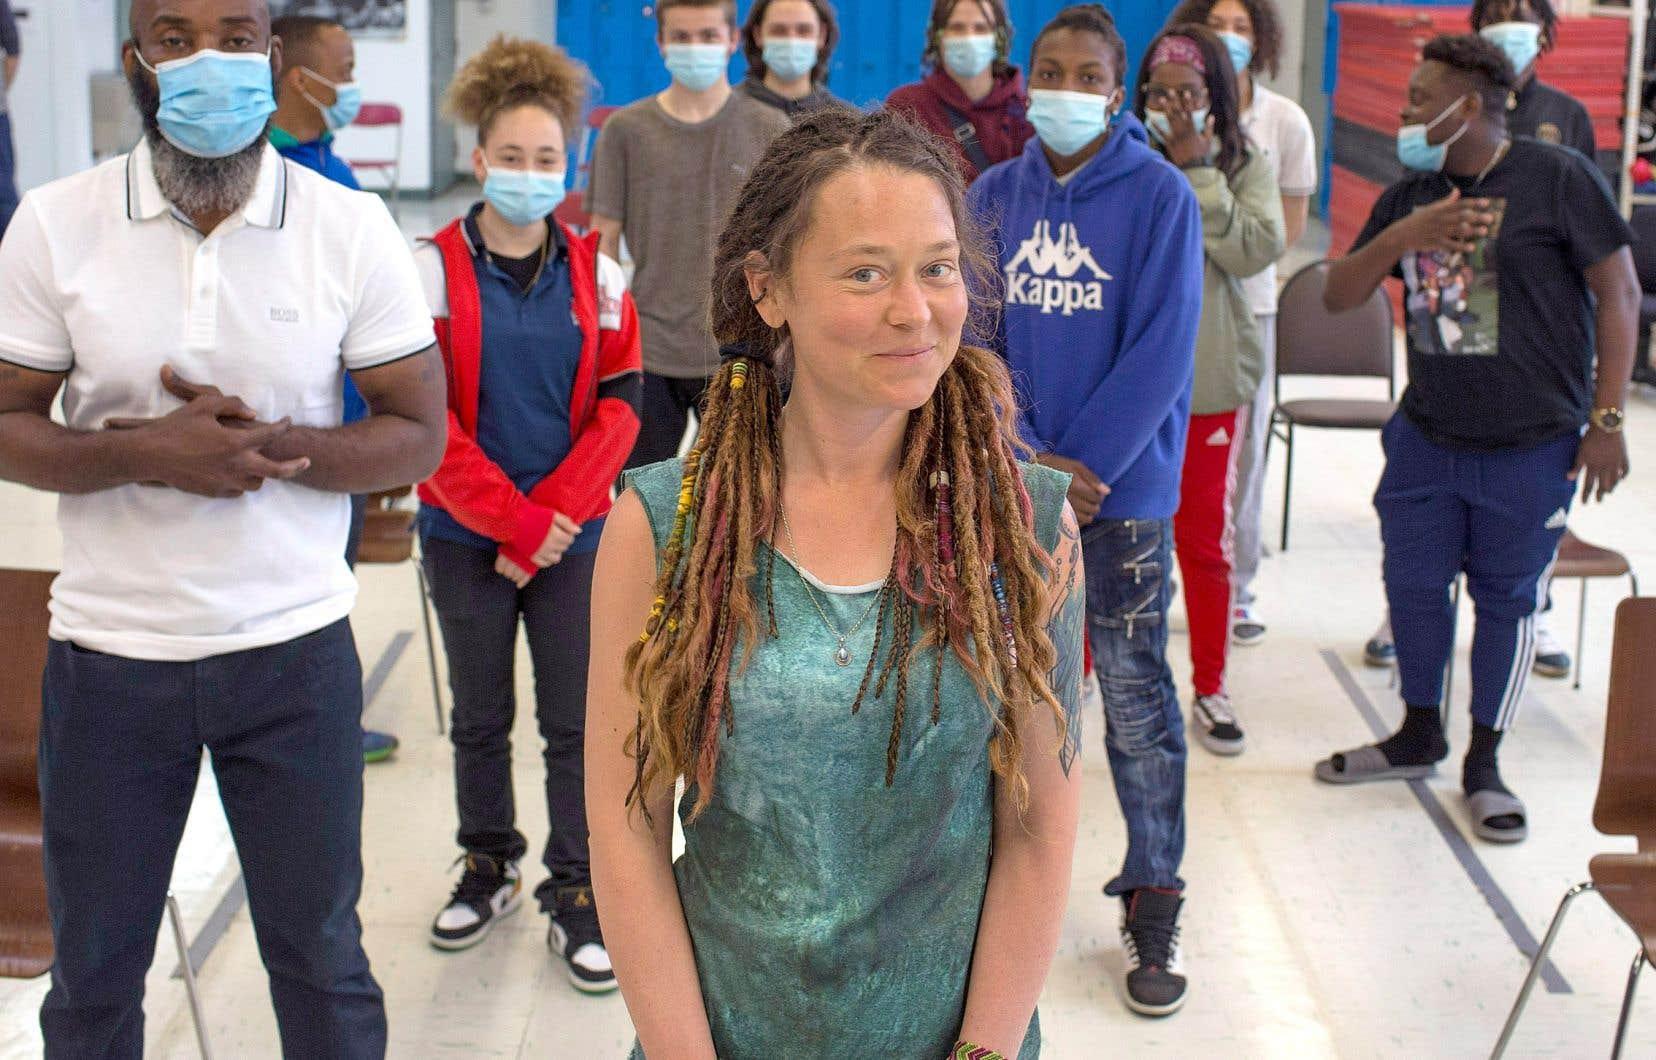 L'ex-boxeur professionnel Ali Nestor (à gauche) a invité l'artiste Édith Blais (au centre) dans son école de la deuxième chance pour discuter de résilience et d'espoir avec les élèves. Leur héroïne a été séquestrée dans le désert au Mali.